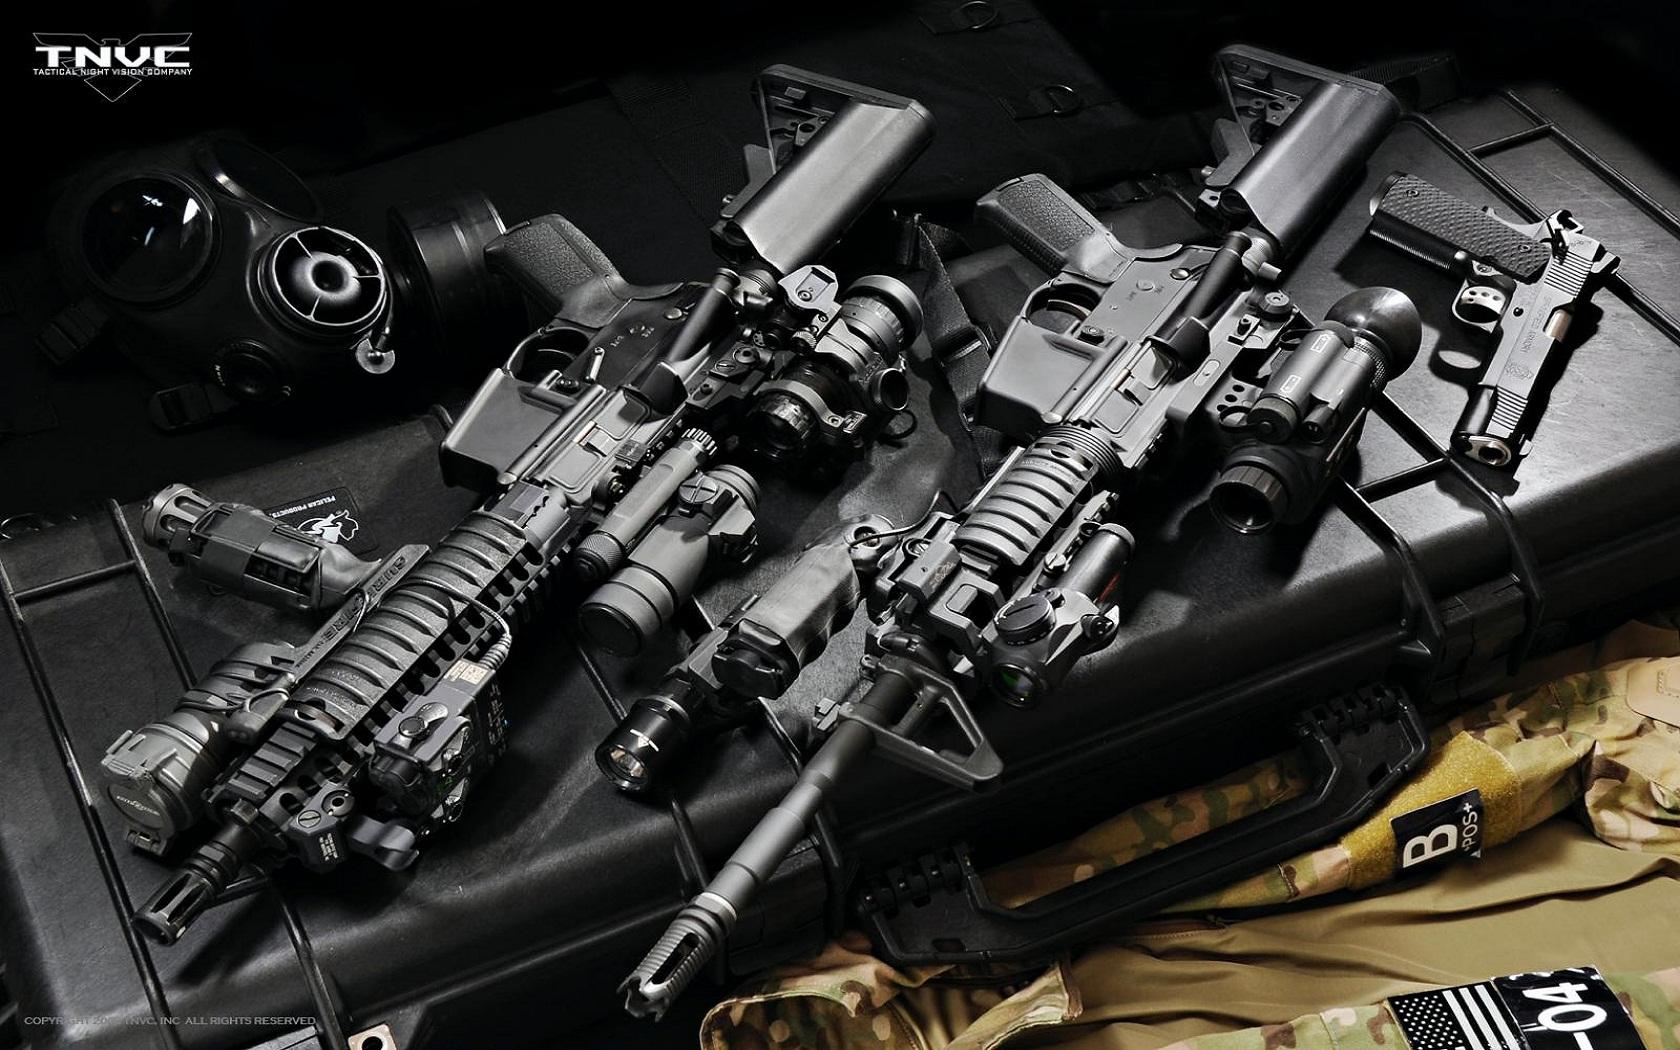 Guns Weapons Wallpaper 1680x1050 Guns Weapons Rifles 1680x1050